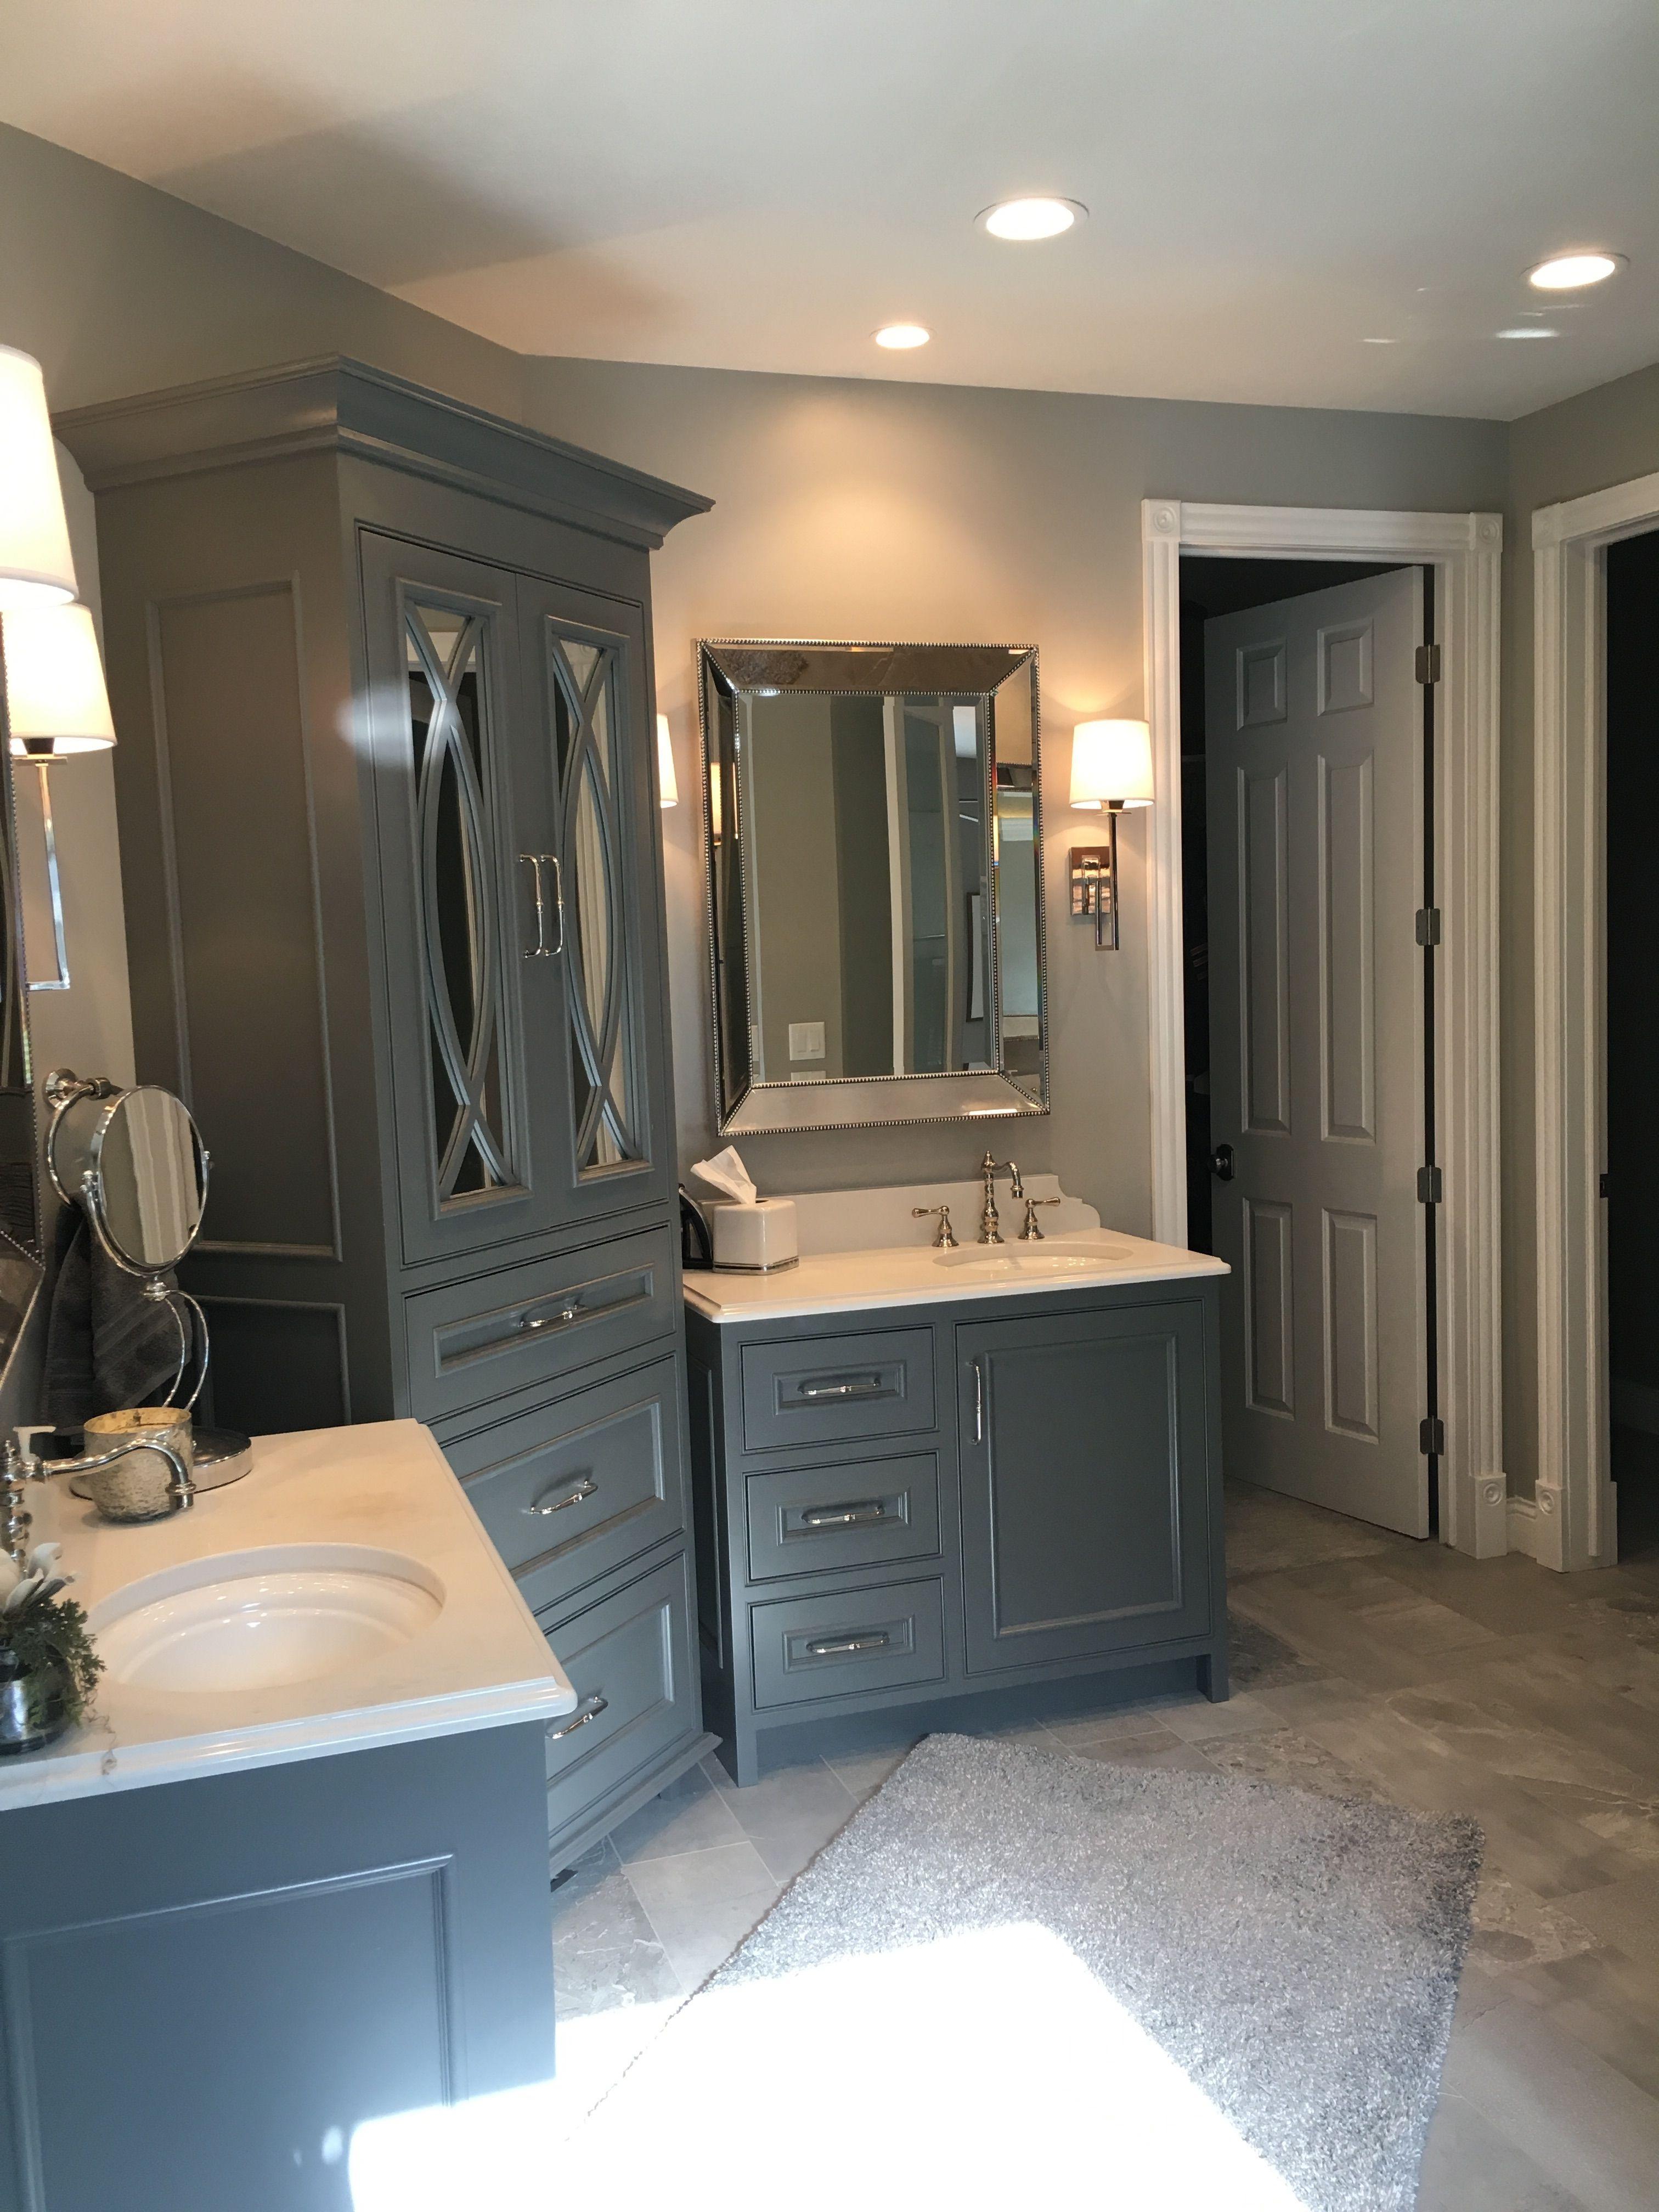 Best Master Bath Double Vanities Gauntlet Gray Paint On Cabinets 400 x 300